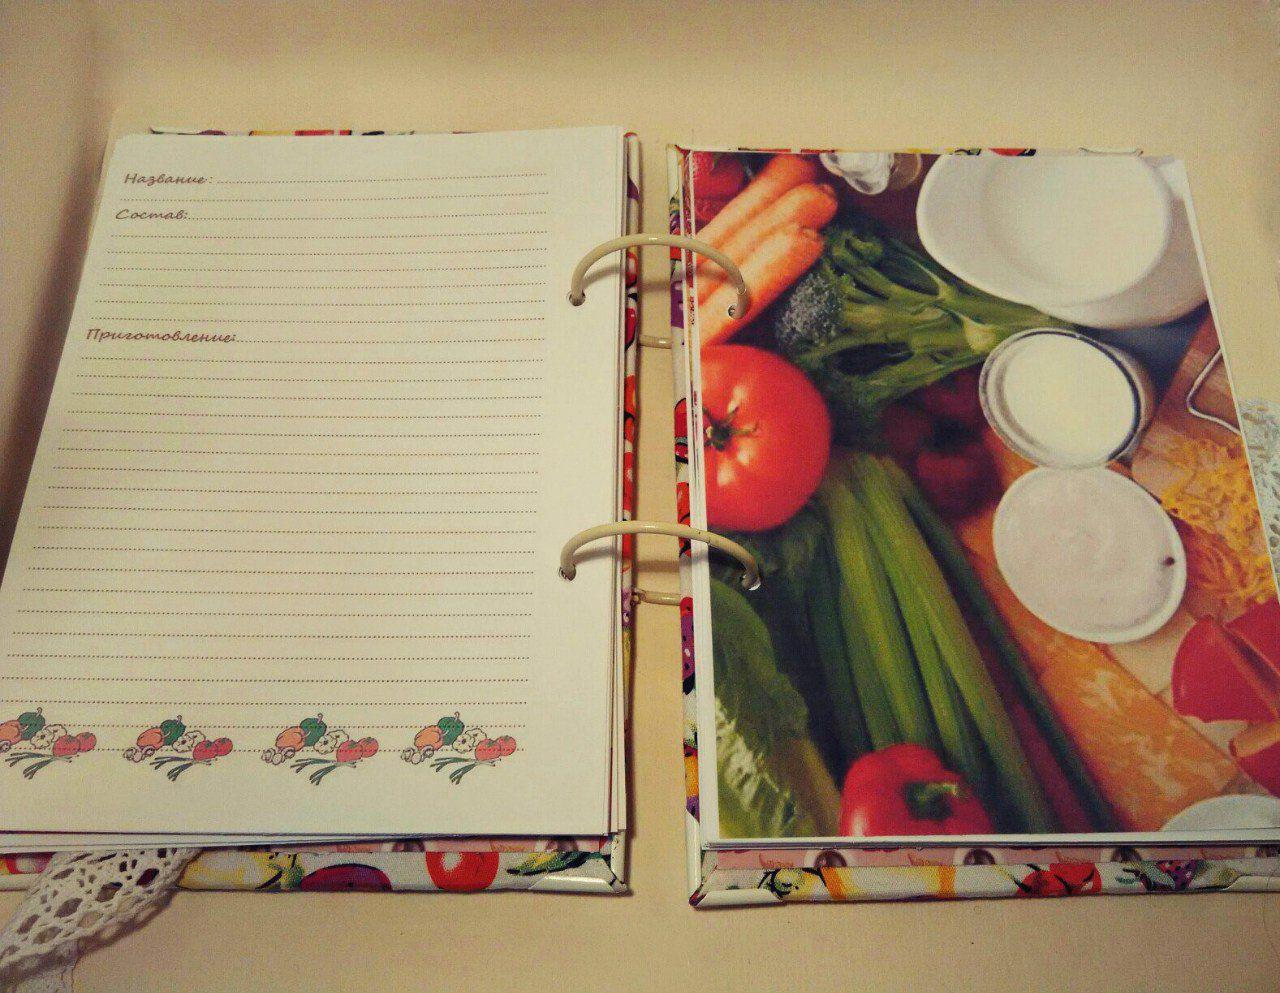 ручнаяработы зож кулинария кулинарнаякнига рецепт овощи книгарецептов правильноепитание кушаемдома хозяюшка кулинарныеизыски рецепницы хозяйка дневникпитания кушаемправильно еда приготовила блокнот кухня